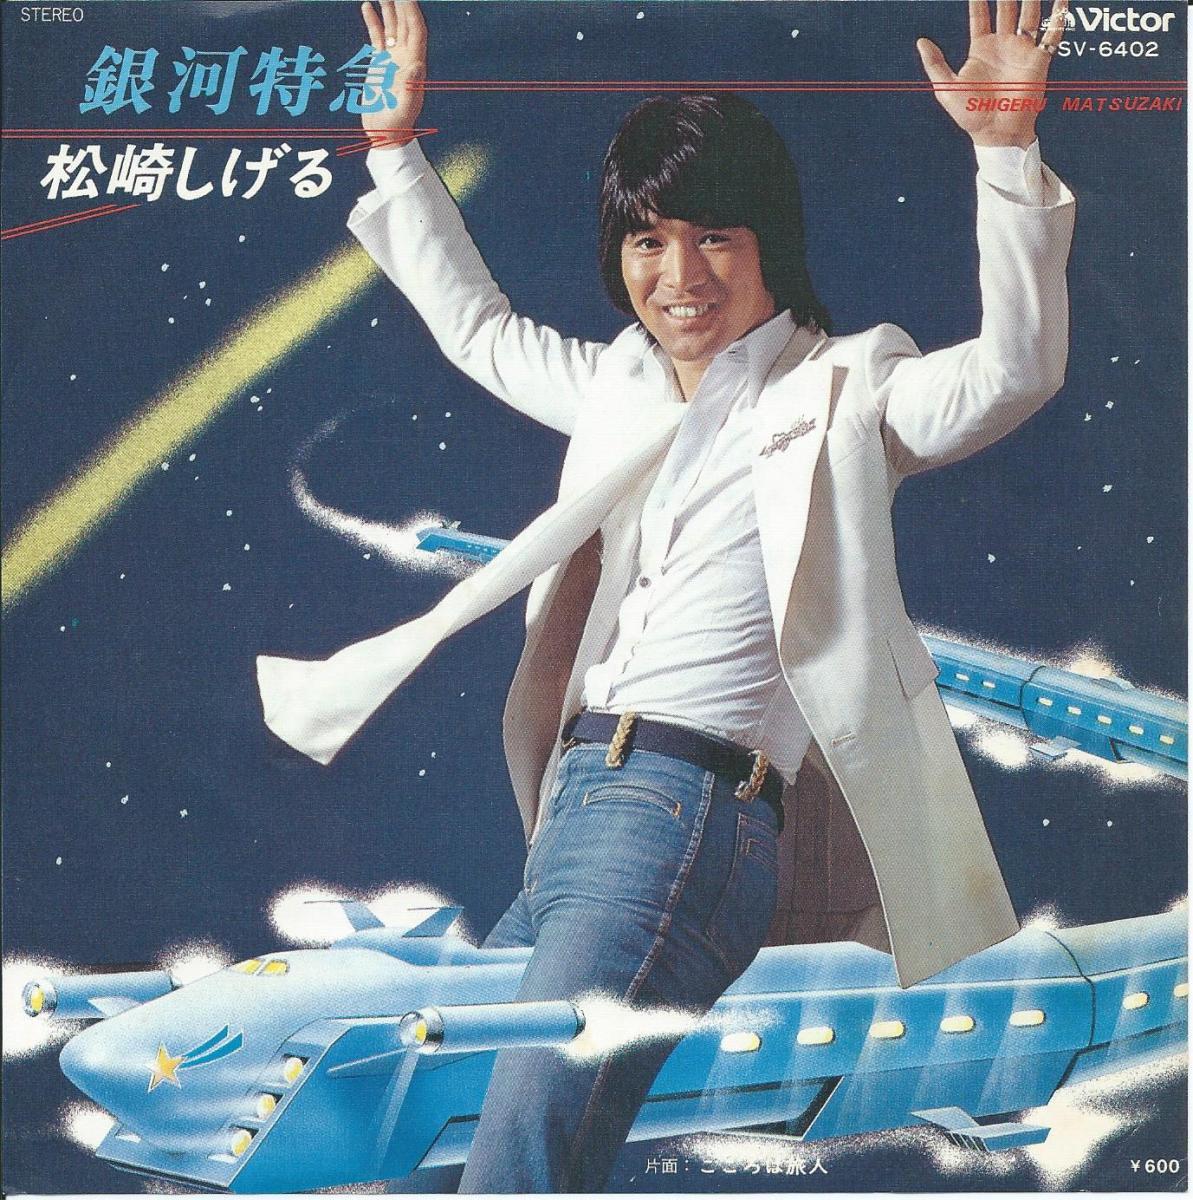 松崎しげる SHIGERU MATSUZAKI / 銀河特急 / こころは旅人 (7